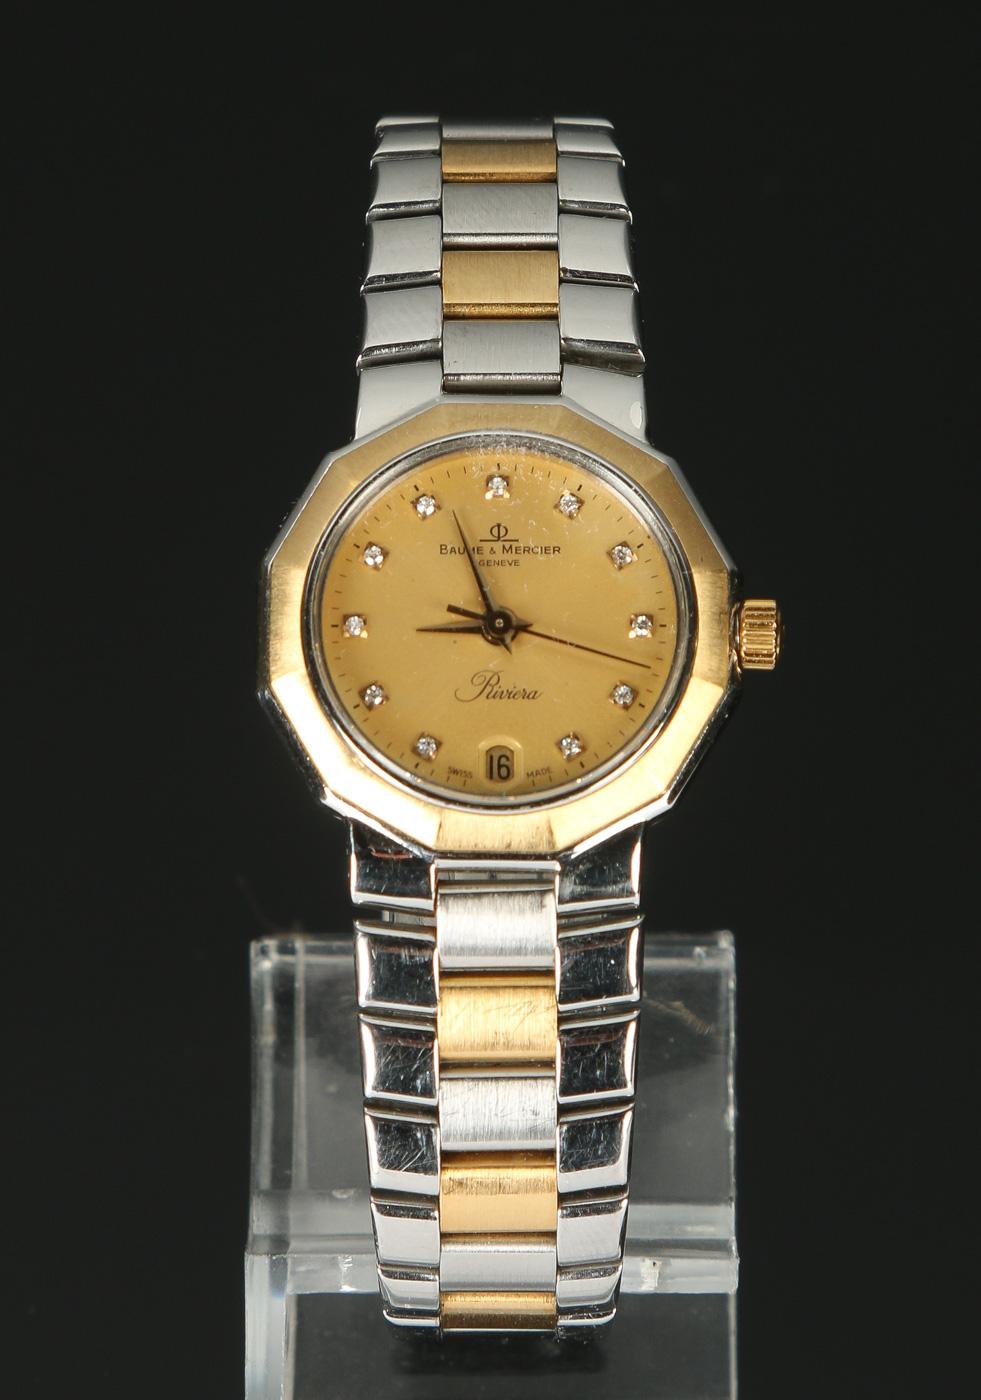 Baume & Mercier Riviera, damearmbåndsur med diamanter - Baume & Mercier model Riviera. Damearmbåndsur i urkasse af stål med krans og krone af 18 kt guld. Urskive med logo, tre visere samt dato. Safirglas. Uret har quartz urværk. Integreret Baume & Mercier lænke af stål og 18 kt guld, monteret med...